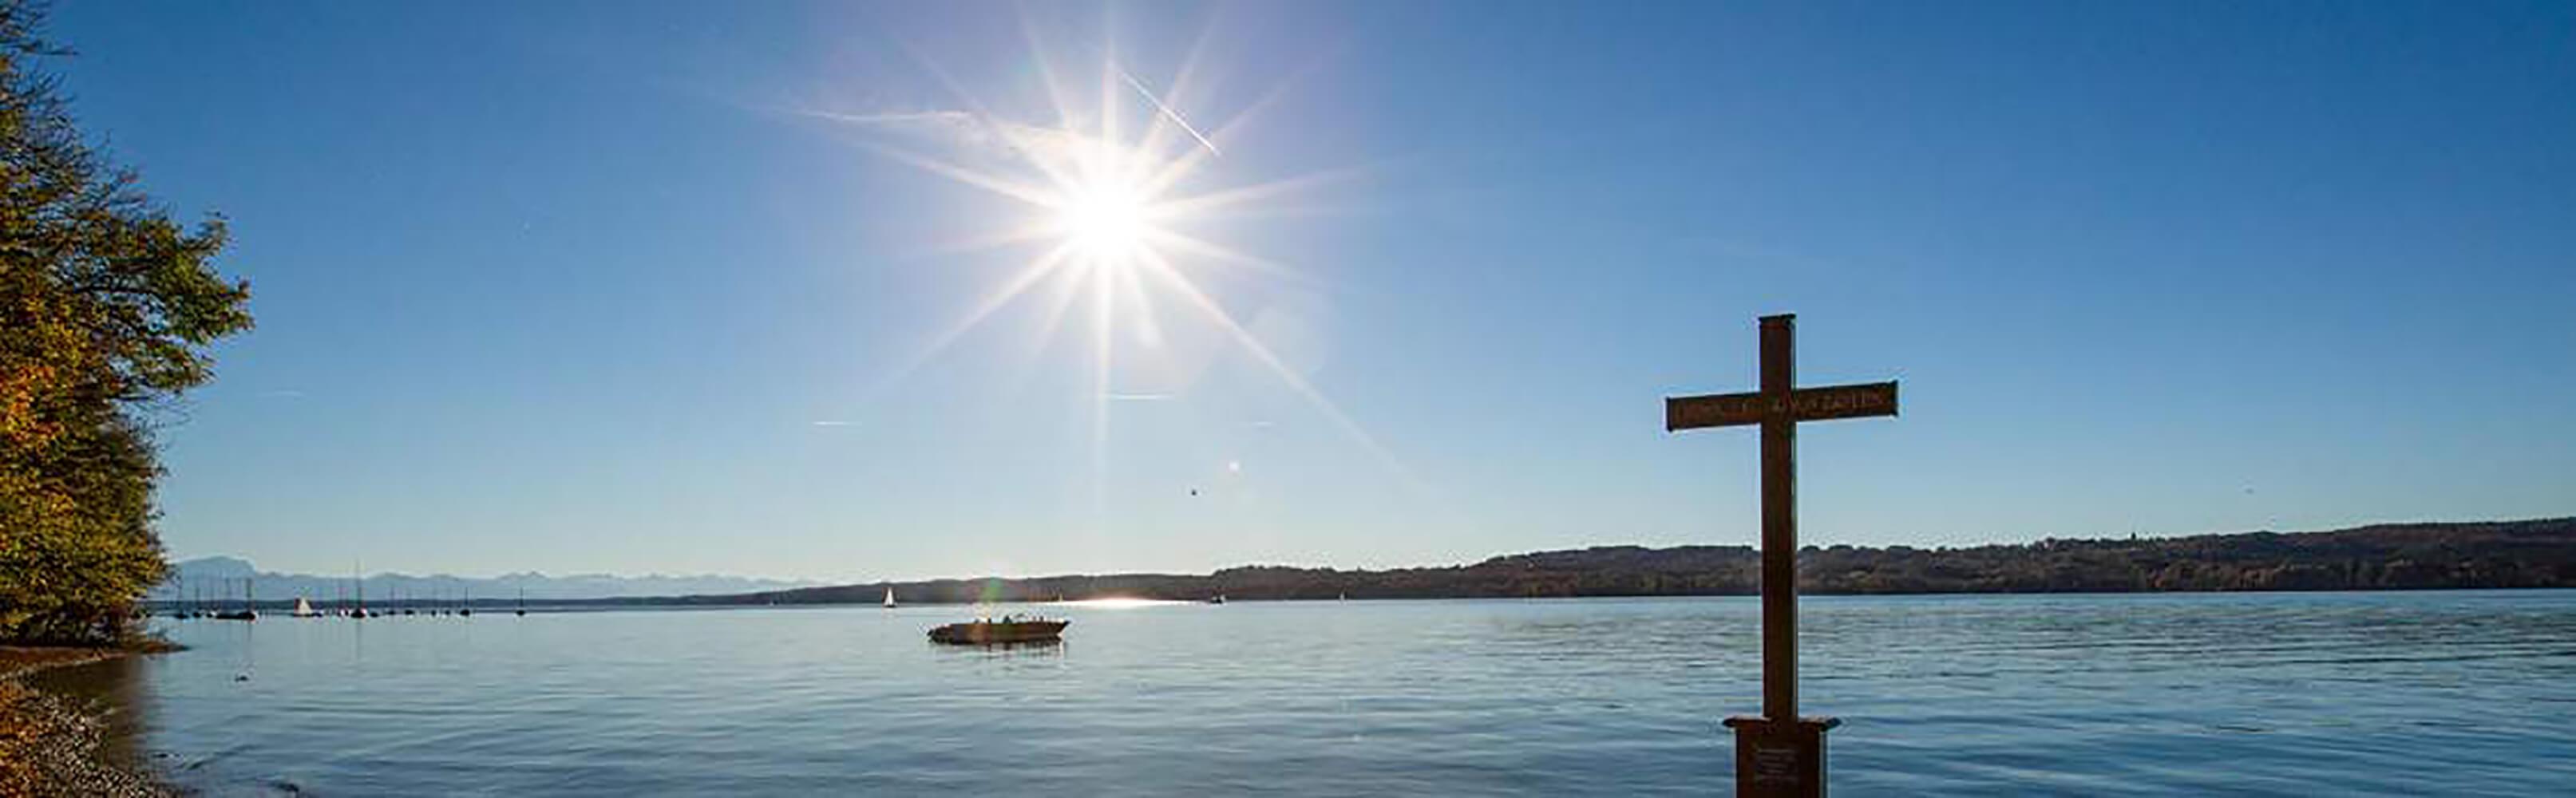 Starnberger See Oberbayern - die Familienattraktion 1